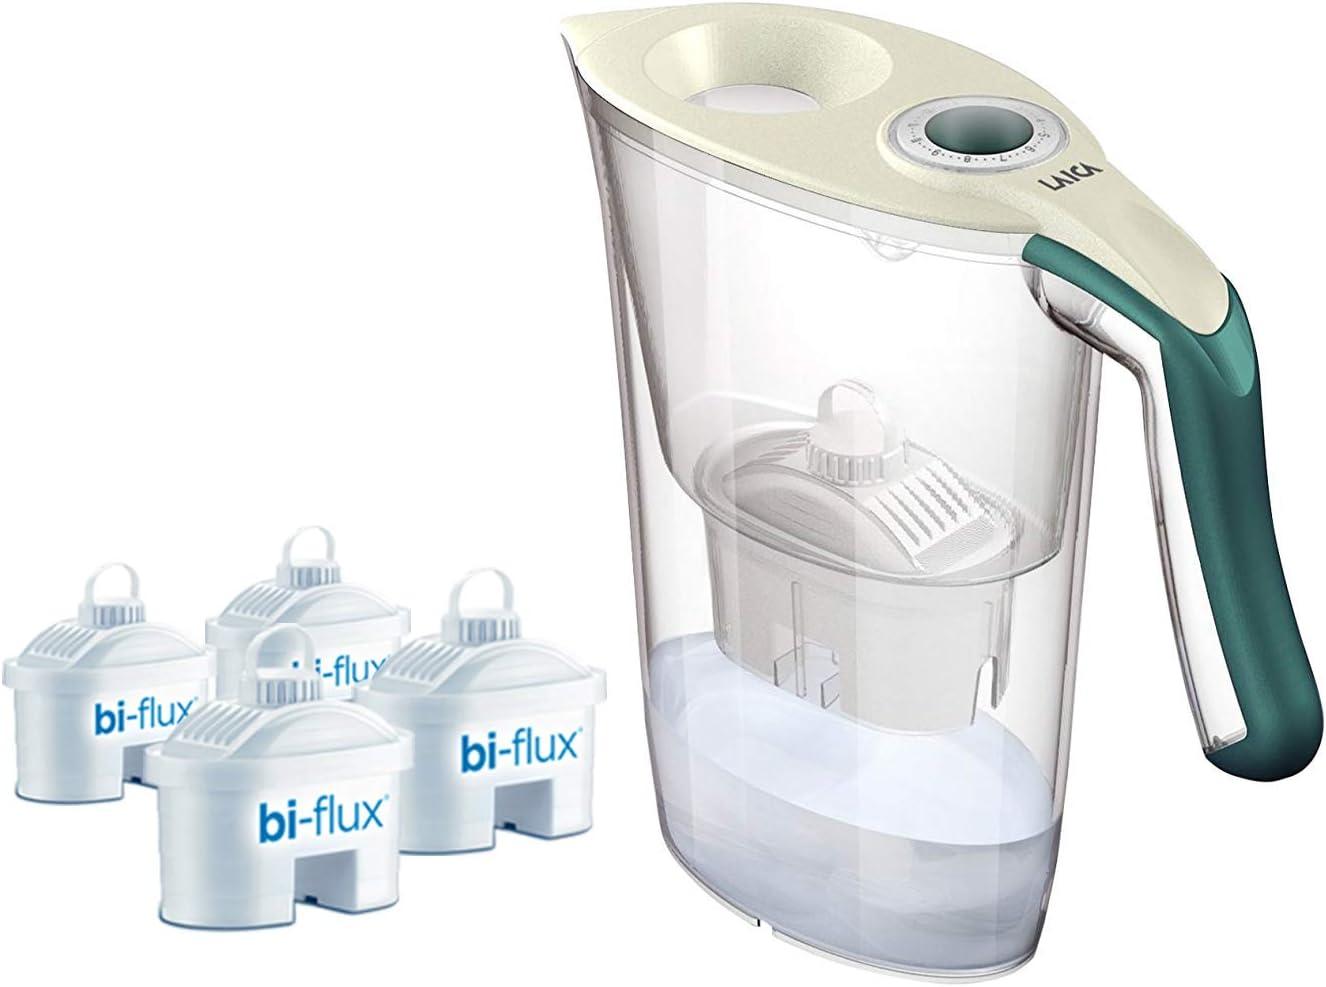 1 jarra filtrante Laica Carmen Tosca (verde) + 4 filtros biflux para filtrar el agua del grifo y mejorar su sabor. Los filtros bi-flux reducen el cloro y la cal y duran 150 litros o 1 mes.